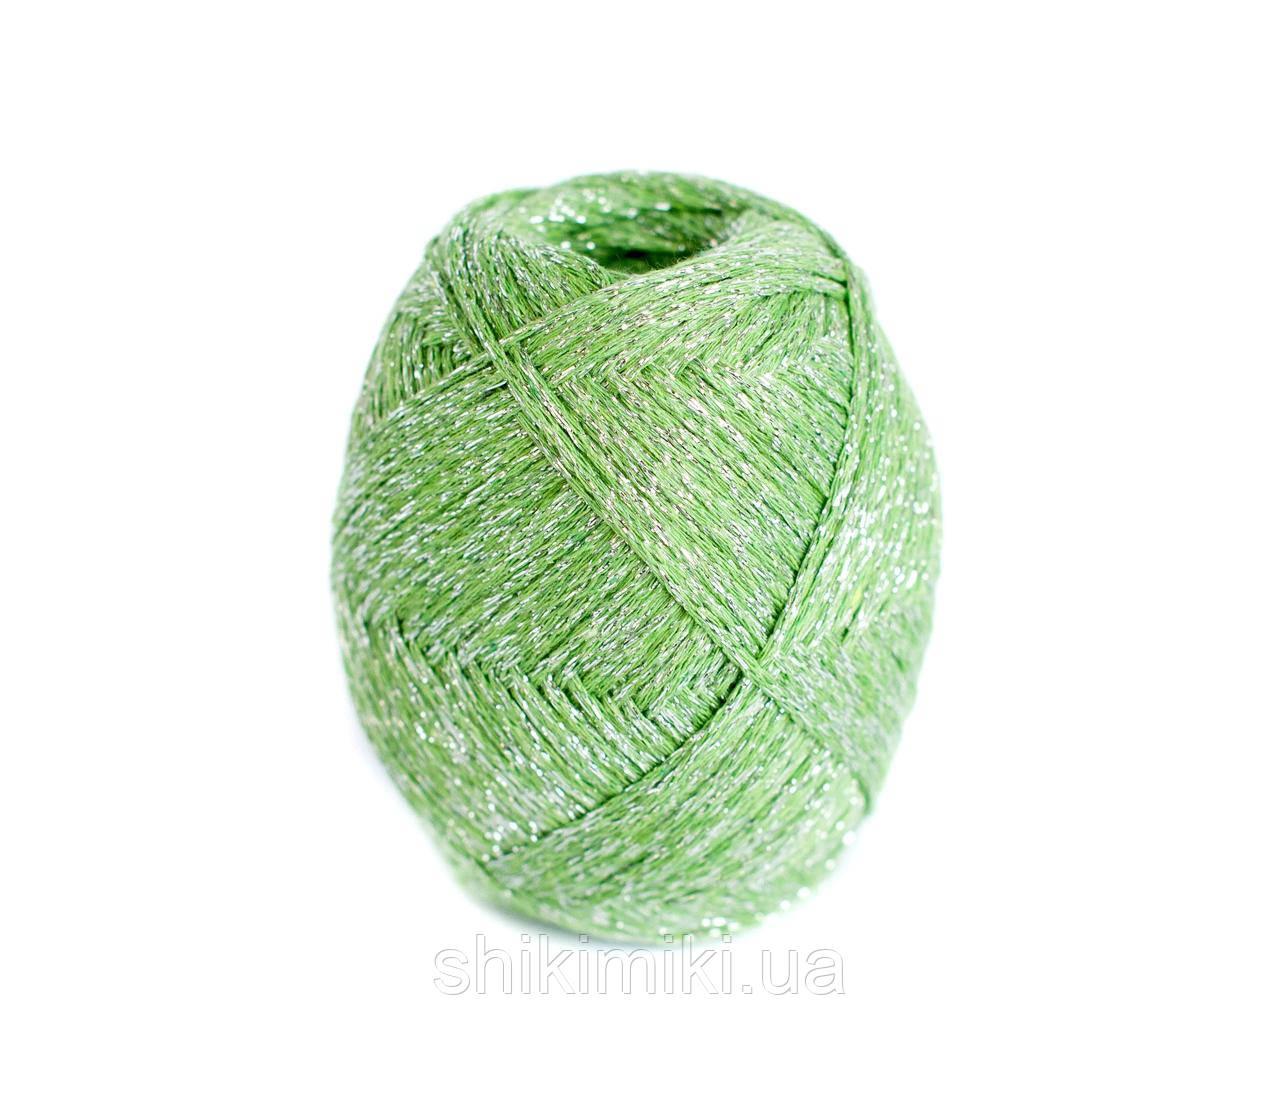 Трикотажный шнур с люрексом Knit & Shine, цвет Фисташковый